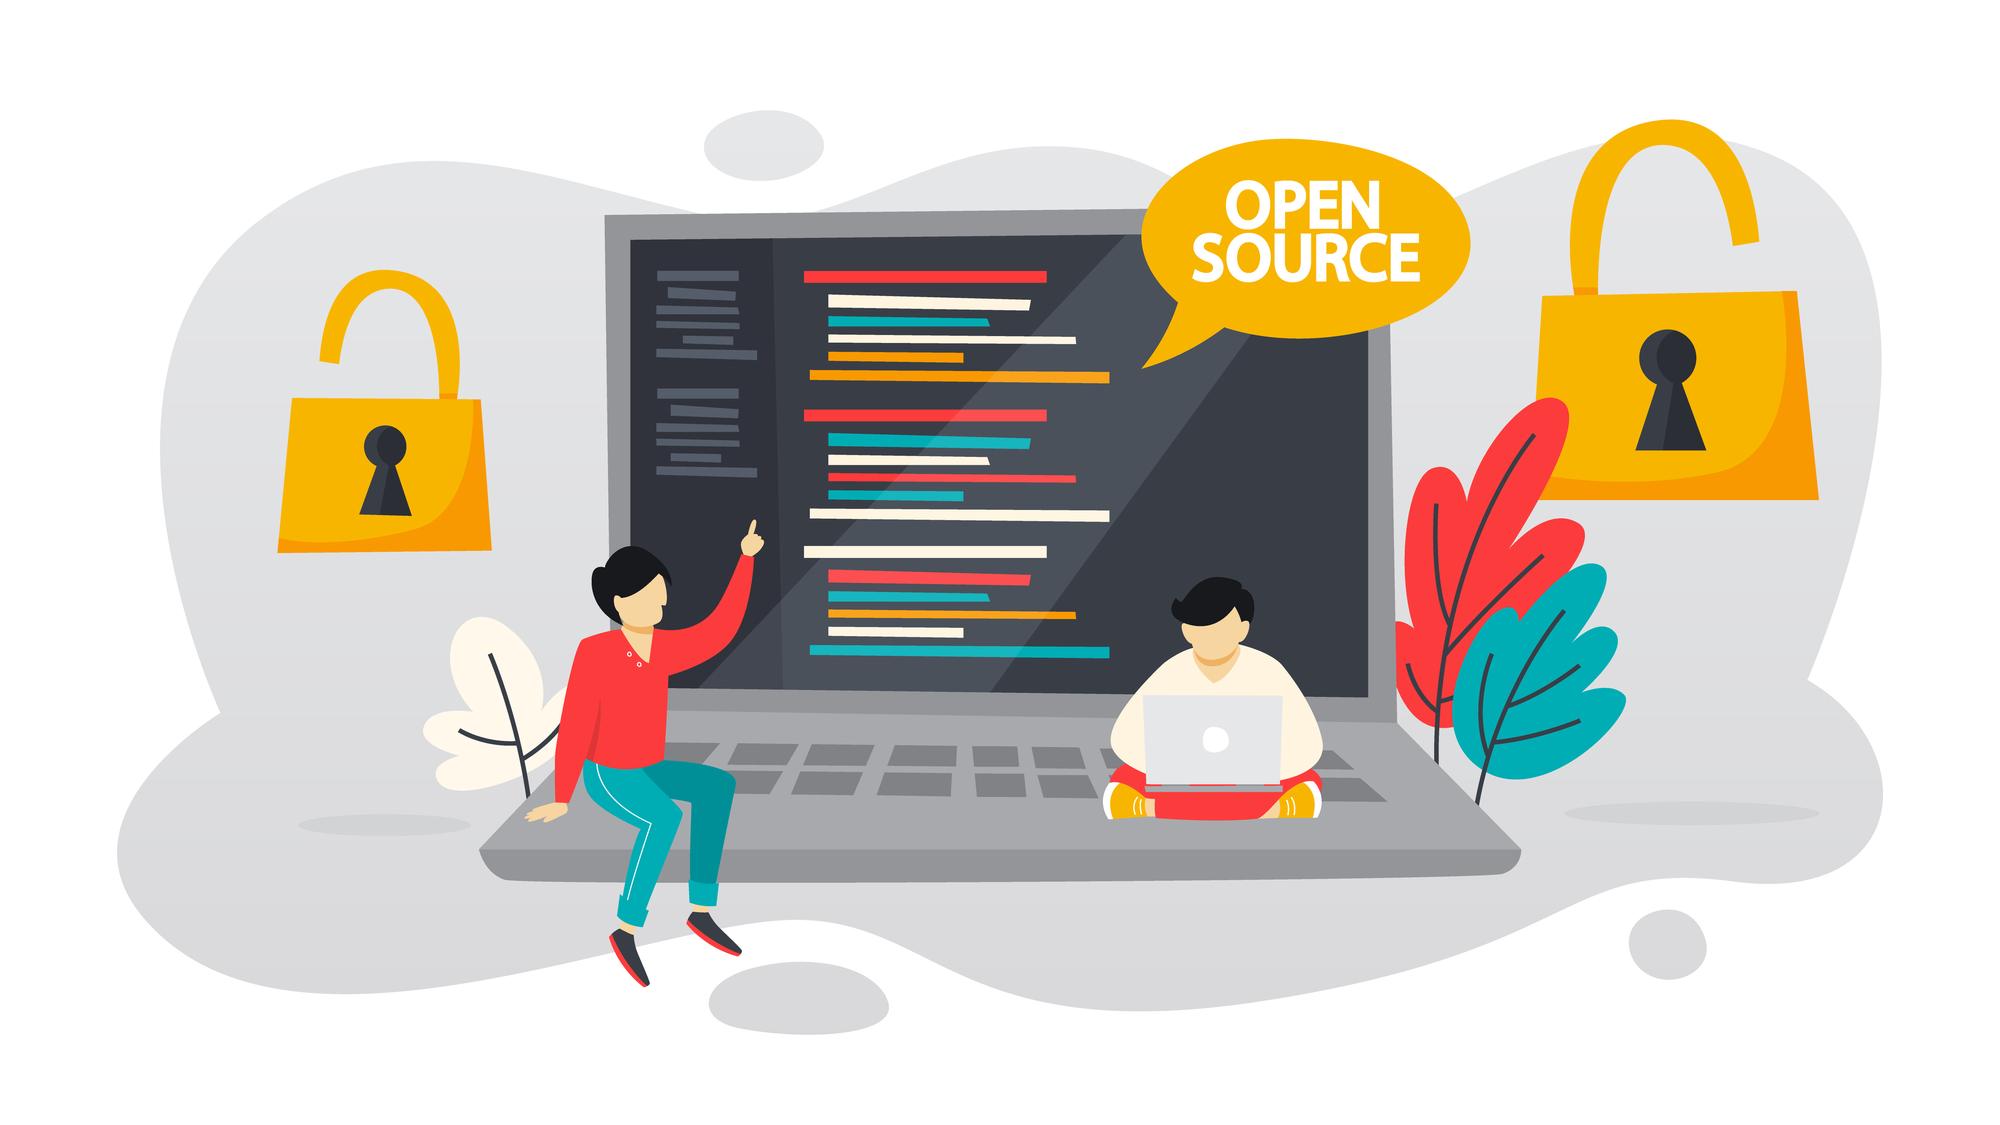 Logiciel Open Source